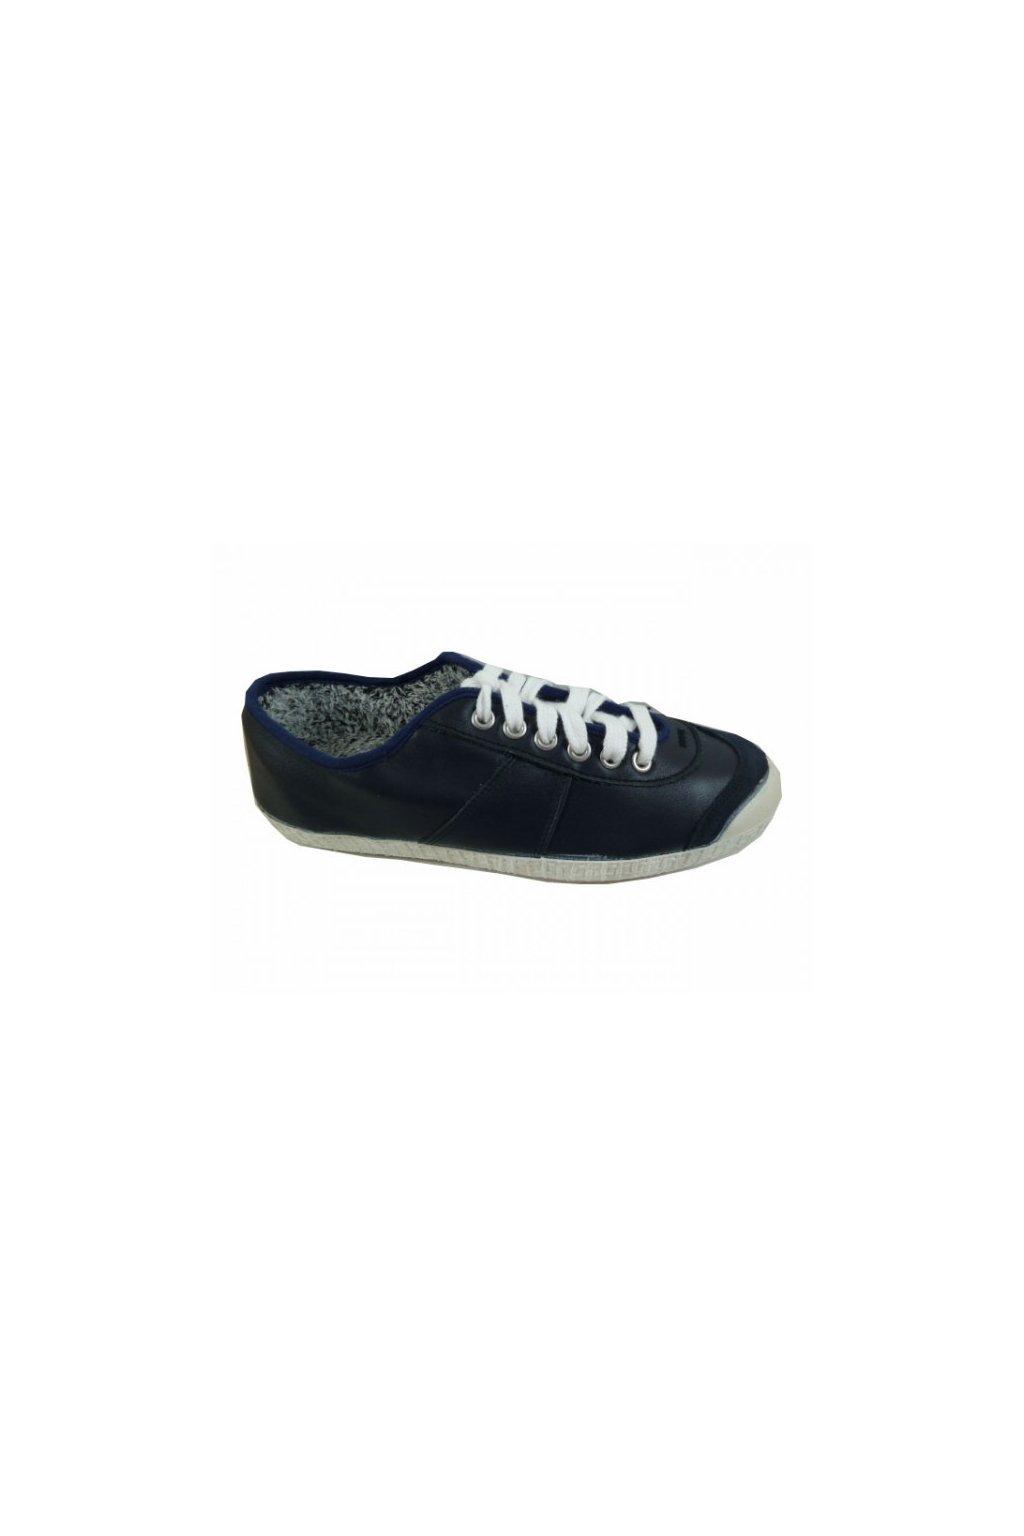 T-shoes 1704 modrá